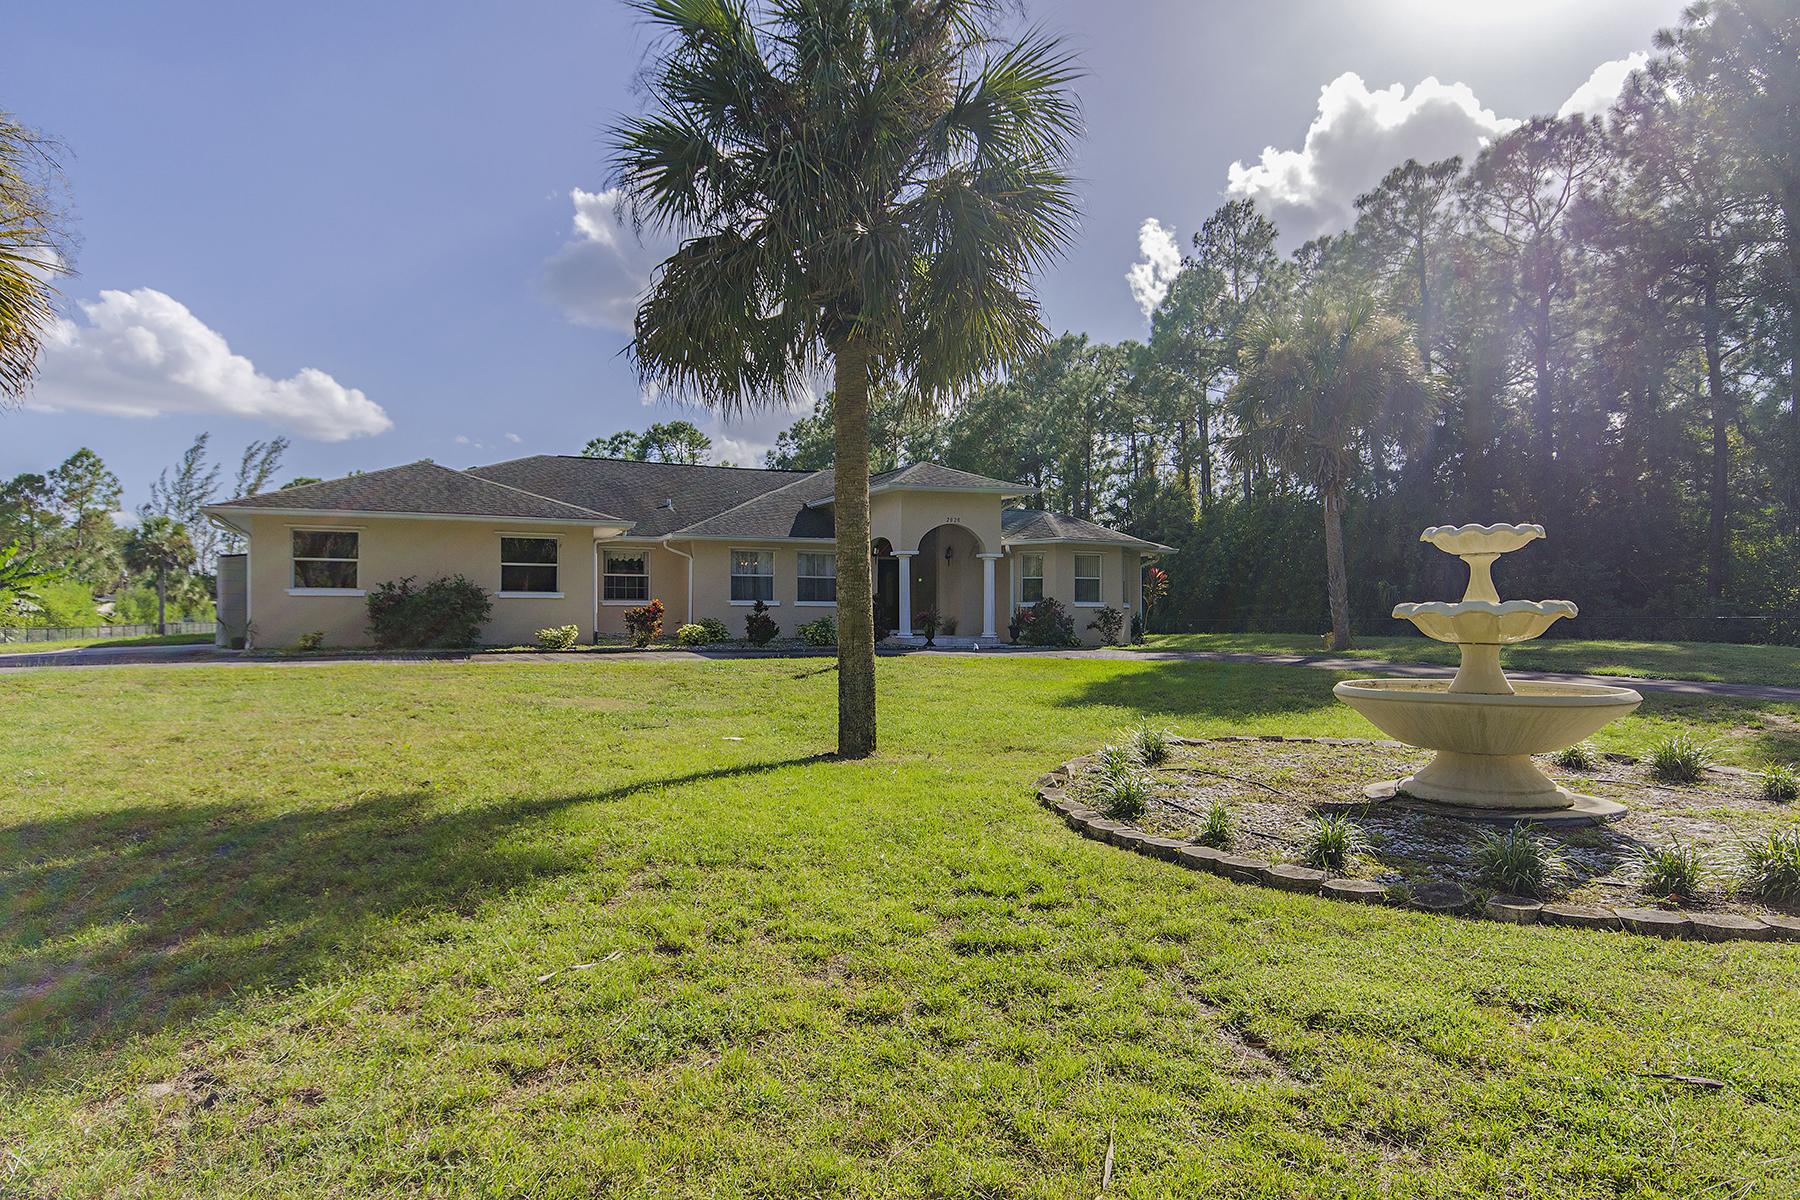 Casa para uma família para Venda às GOLDEN GATE ESTATES 2020 Jung Blvd E Naples, Florida 34120 Estados Unidos